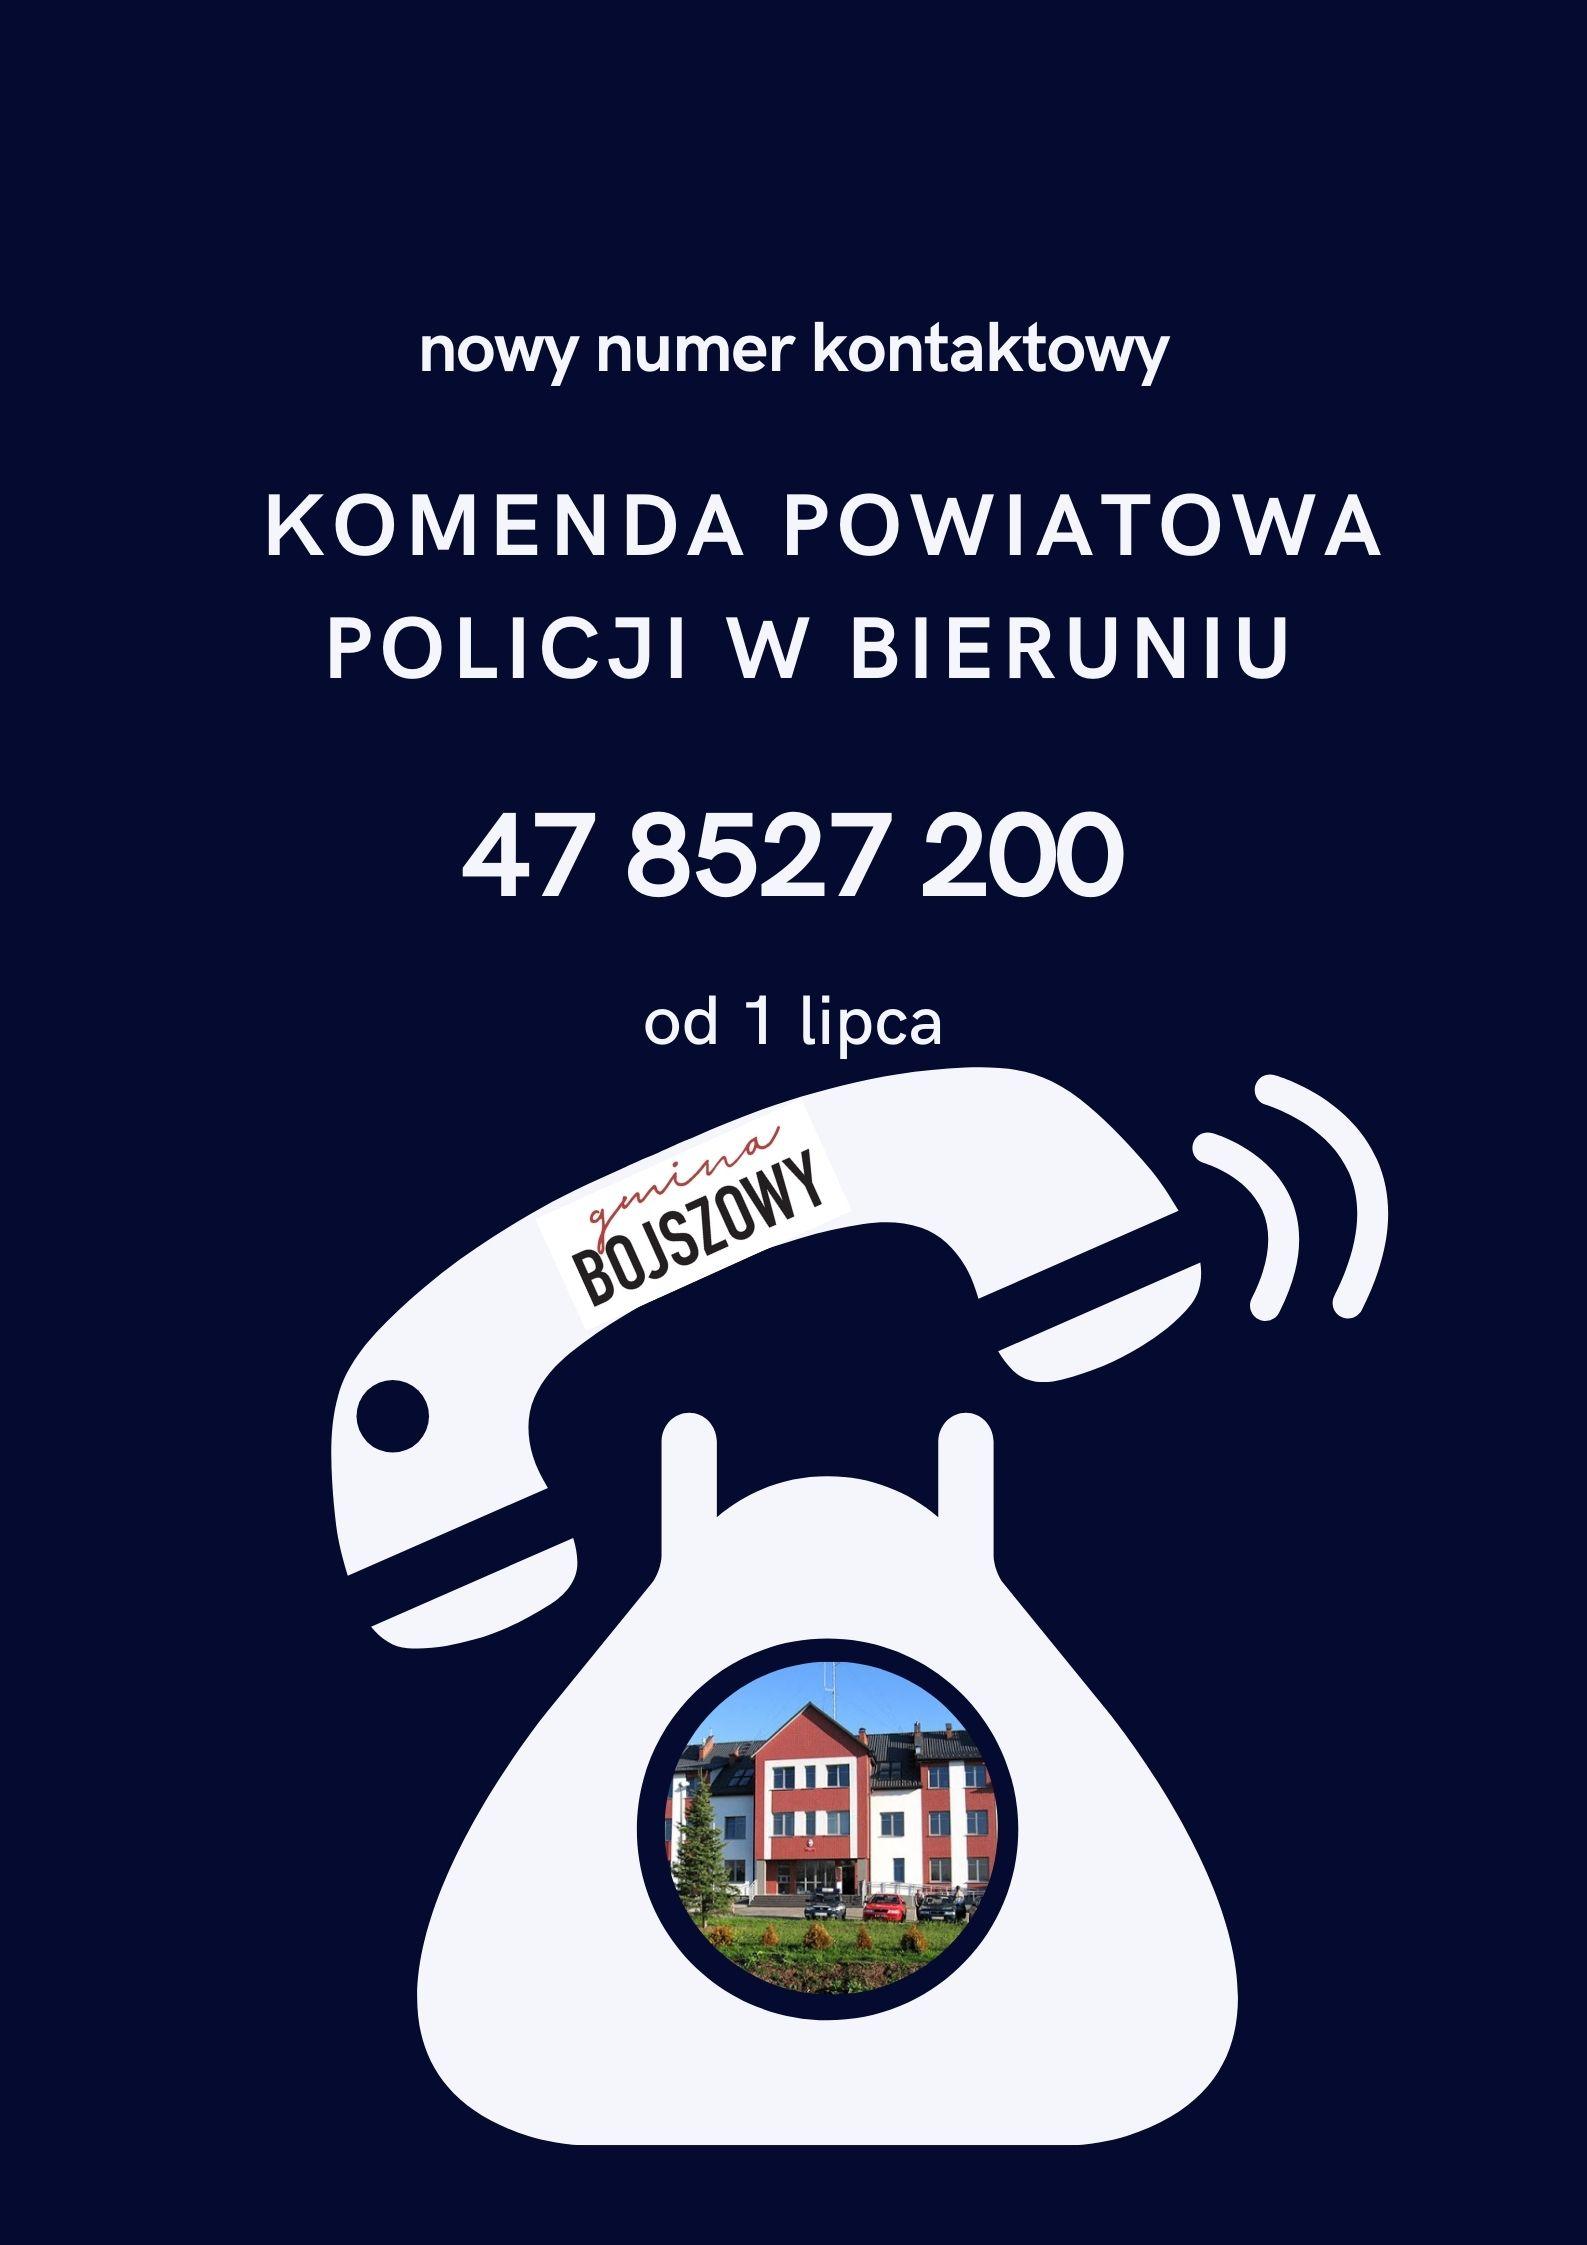 nowy numer kontaktowy do policji w Bieruniu 478527200